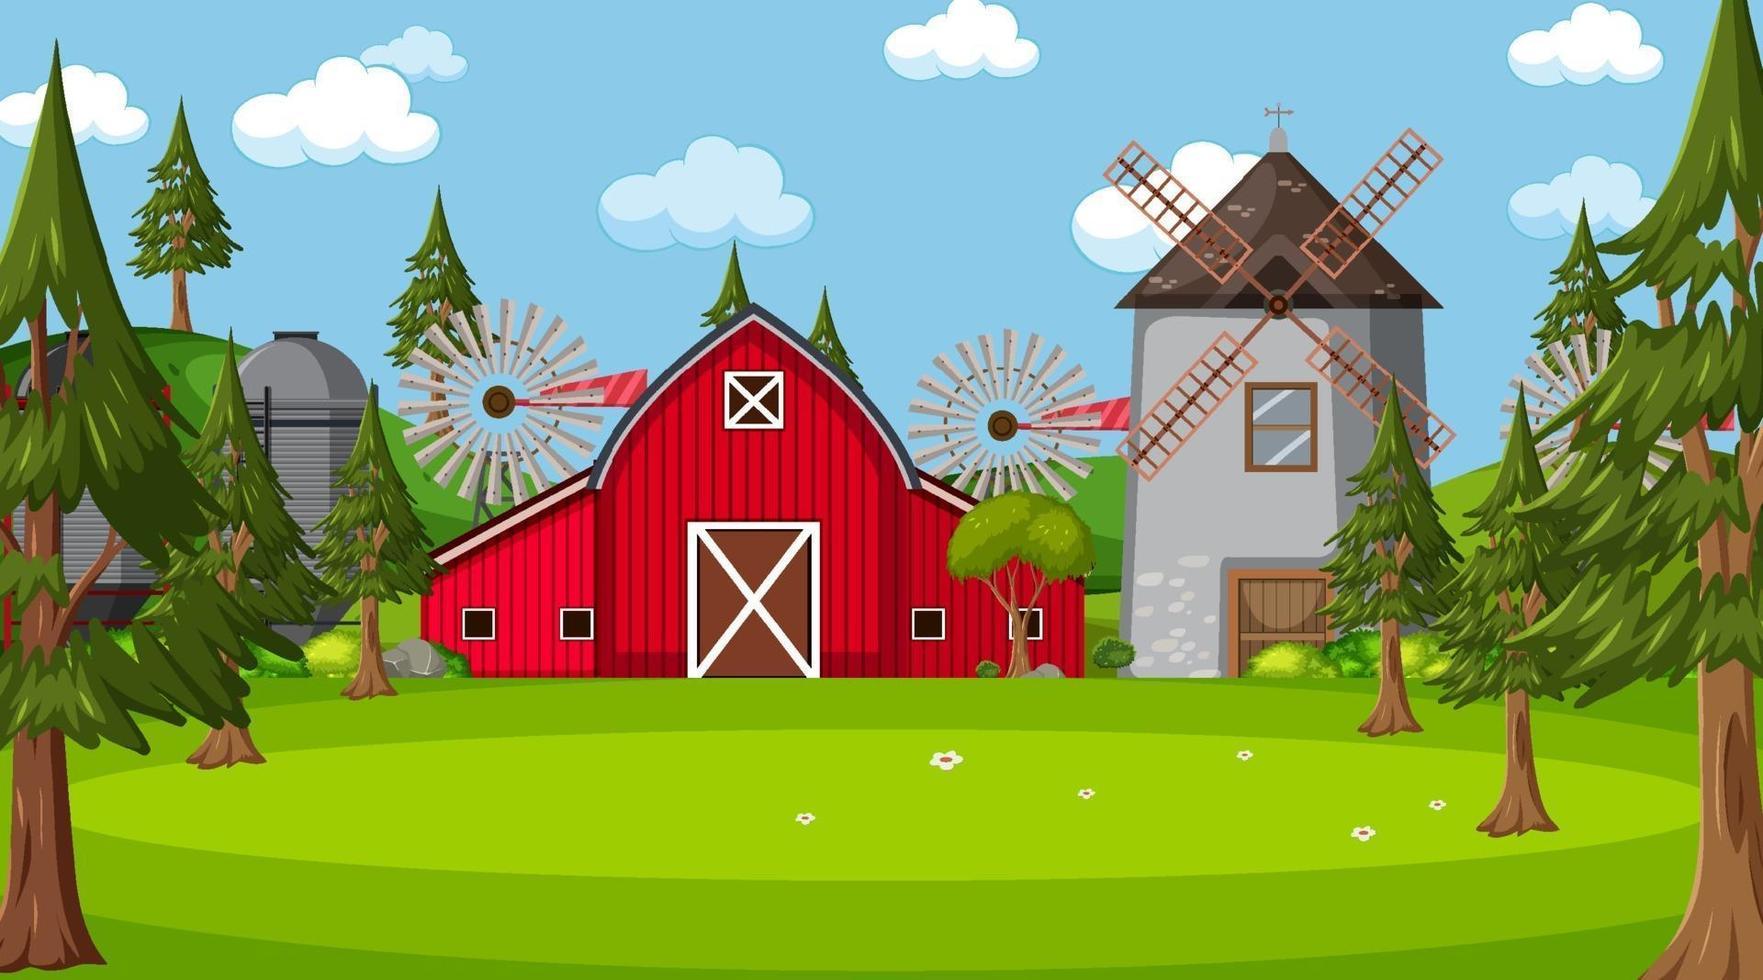 gårdsplats i naturen med ladugård och väderkvarn vektor